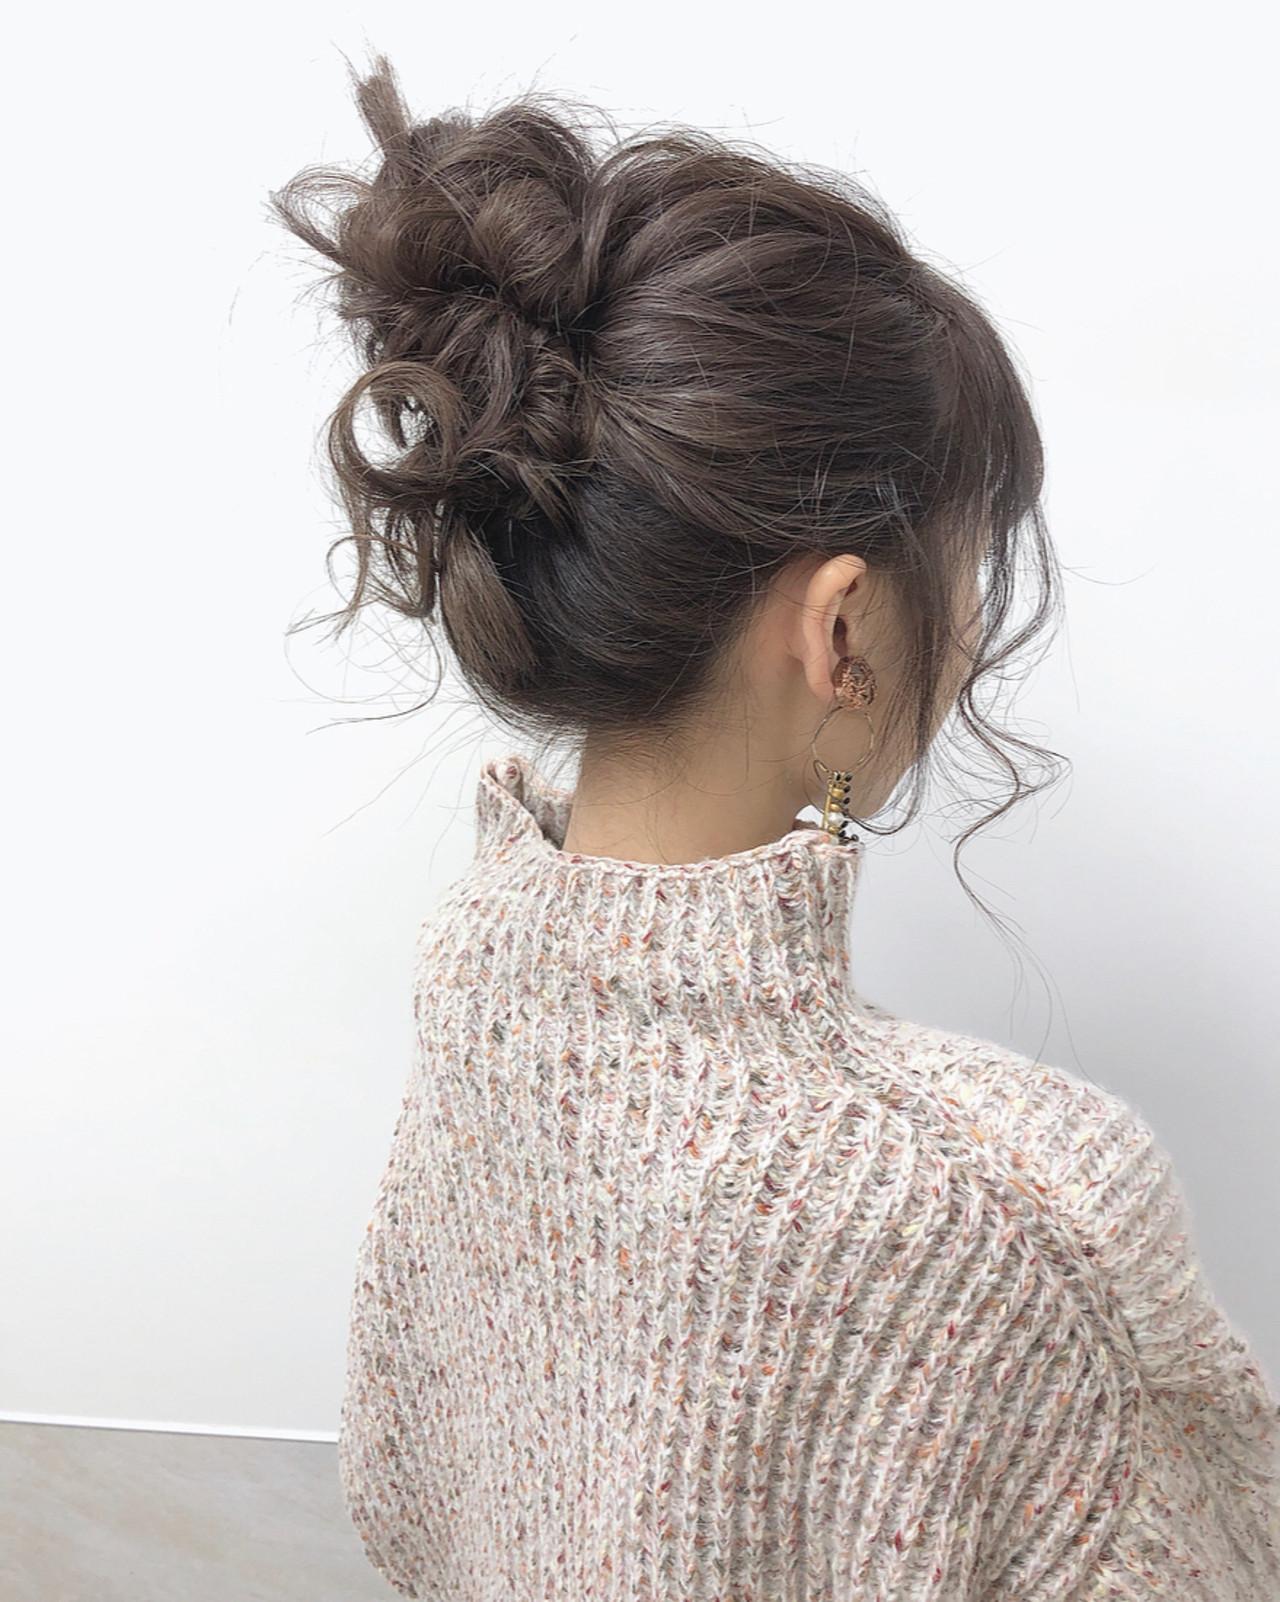 ラベンダーグレー セミロング お団子ヘア ナチュラル ヘアスタイルや髪型の写真・画像